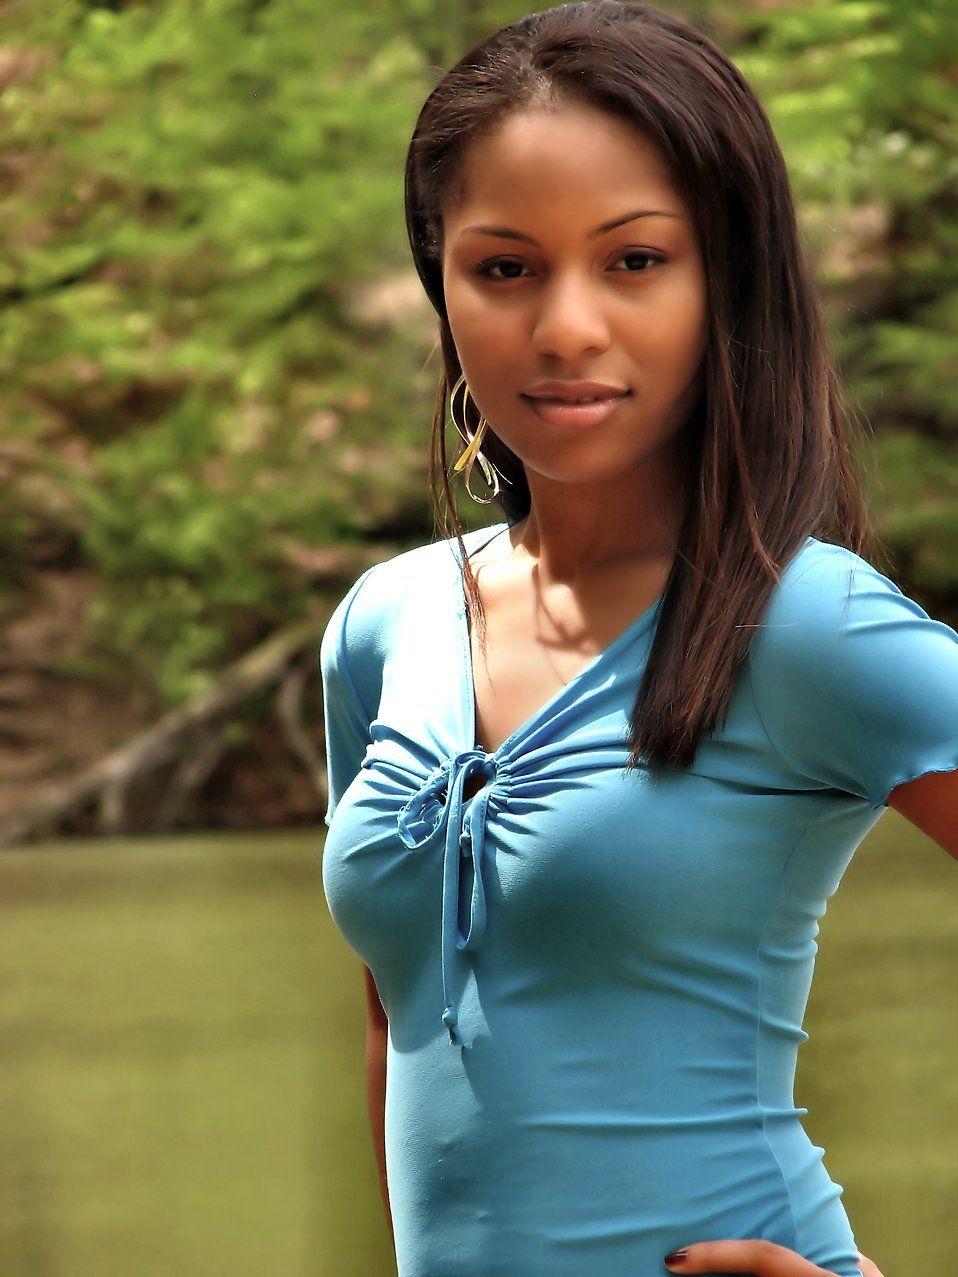 gyönyörű tini képek fekete lányok szeretik punci